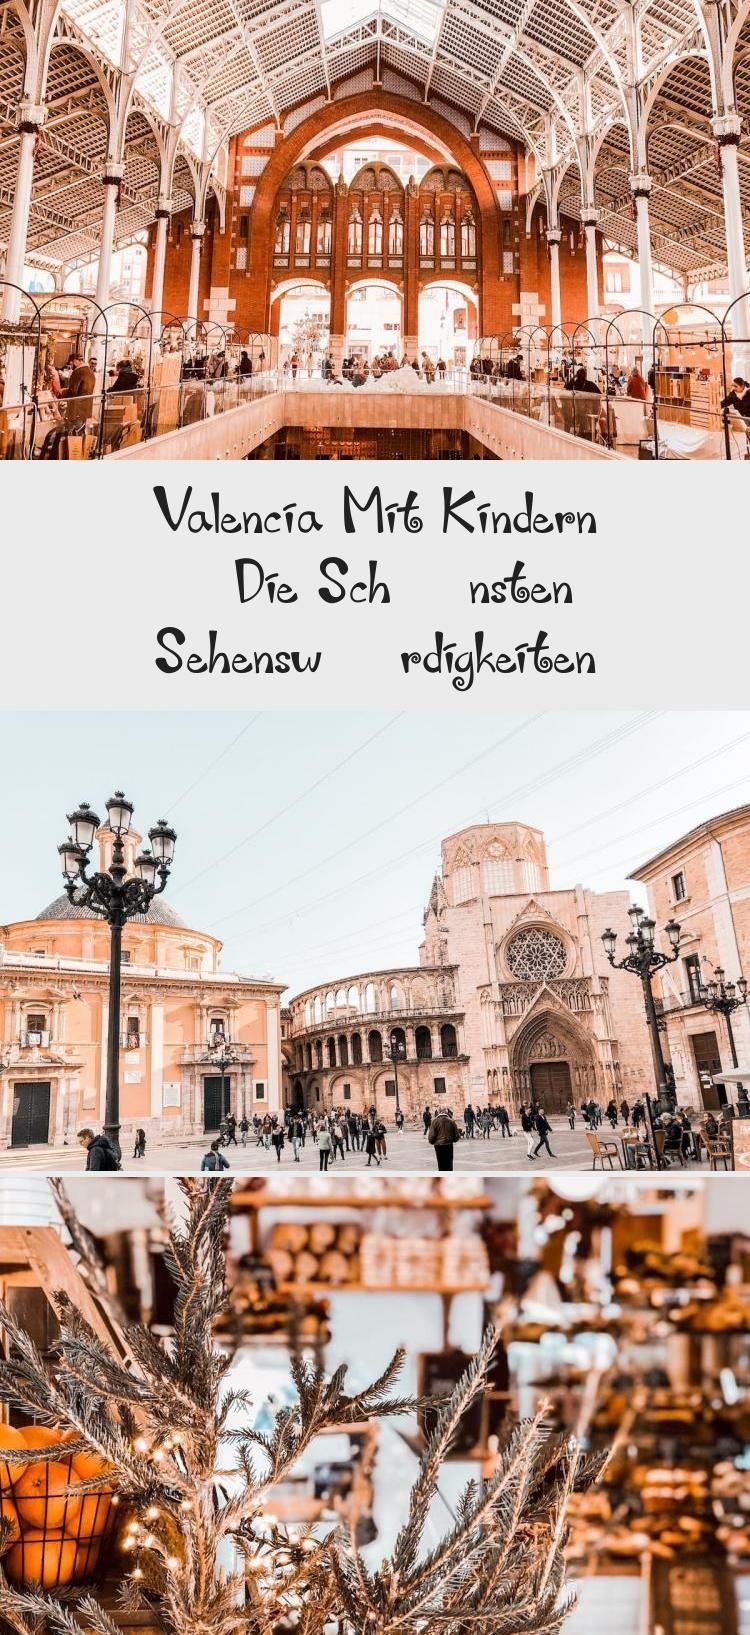 Valencia Mit Kindern Die Scha Nsten Sehenswa Rdigkeiten In 2020 Paris Skyline Paris Travel